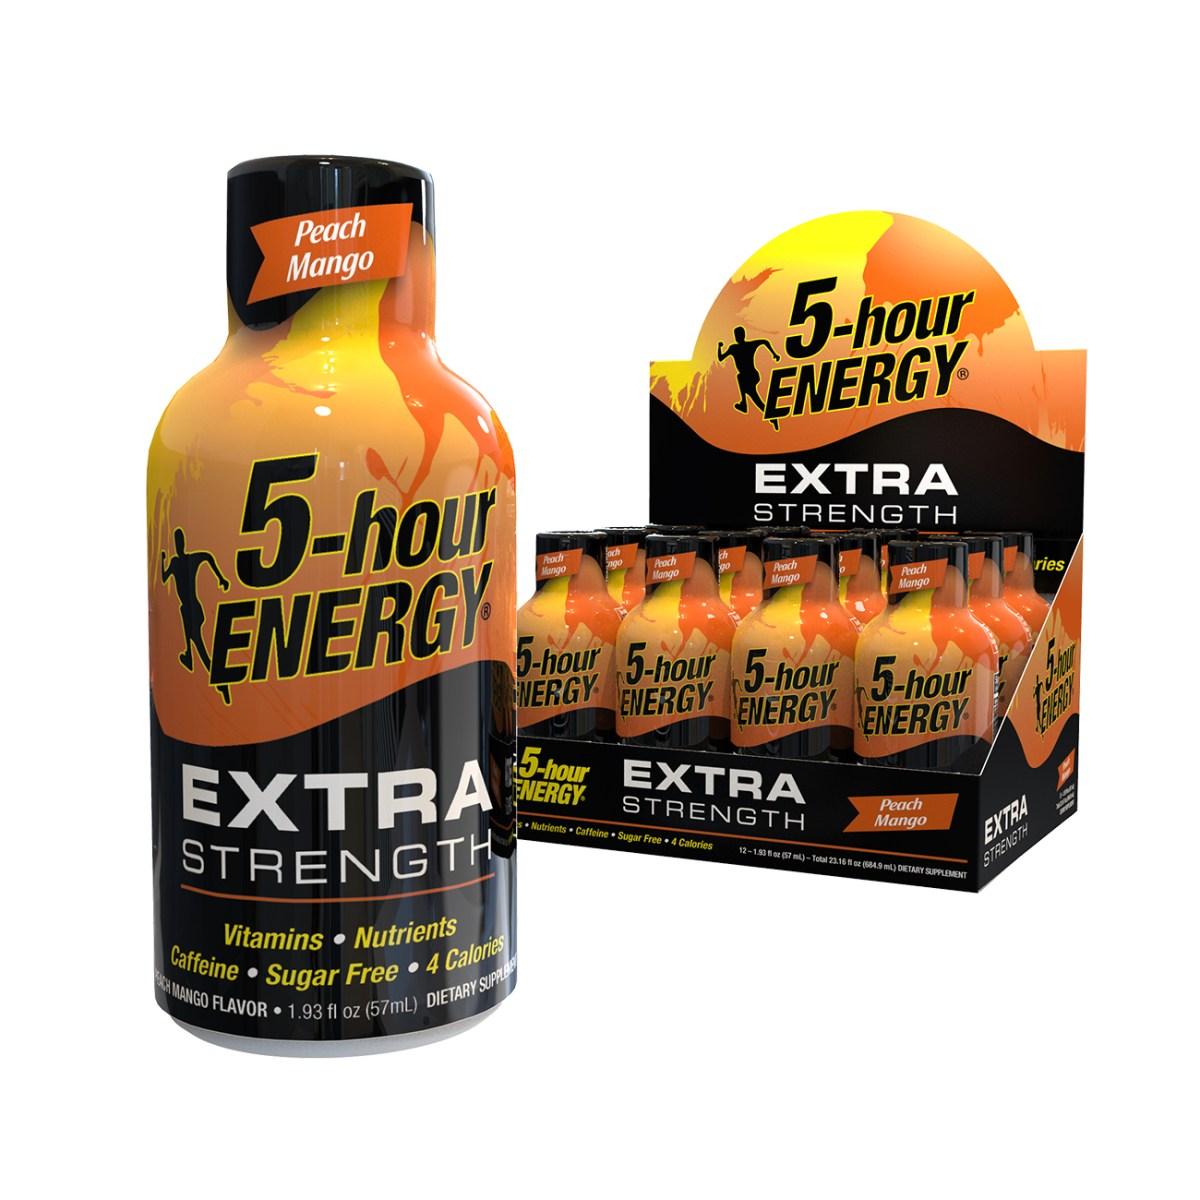 Peach Mango flavor Extra Strength 5-hour ENERGY® Shots